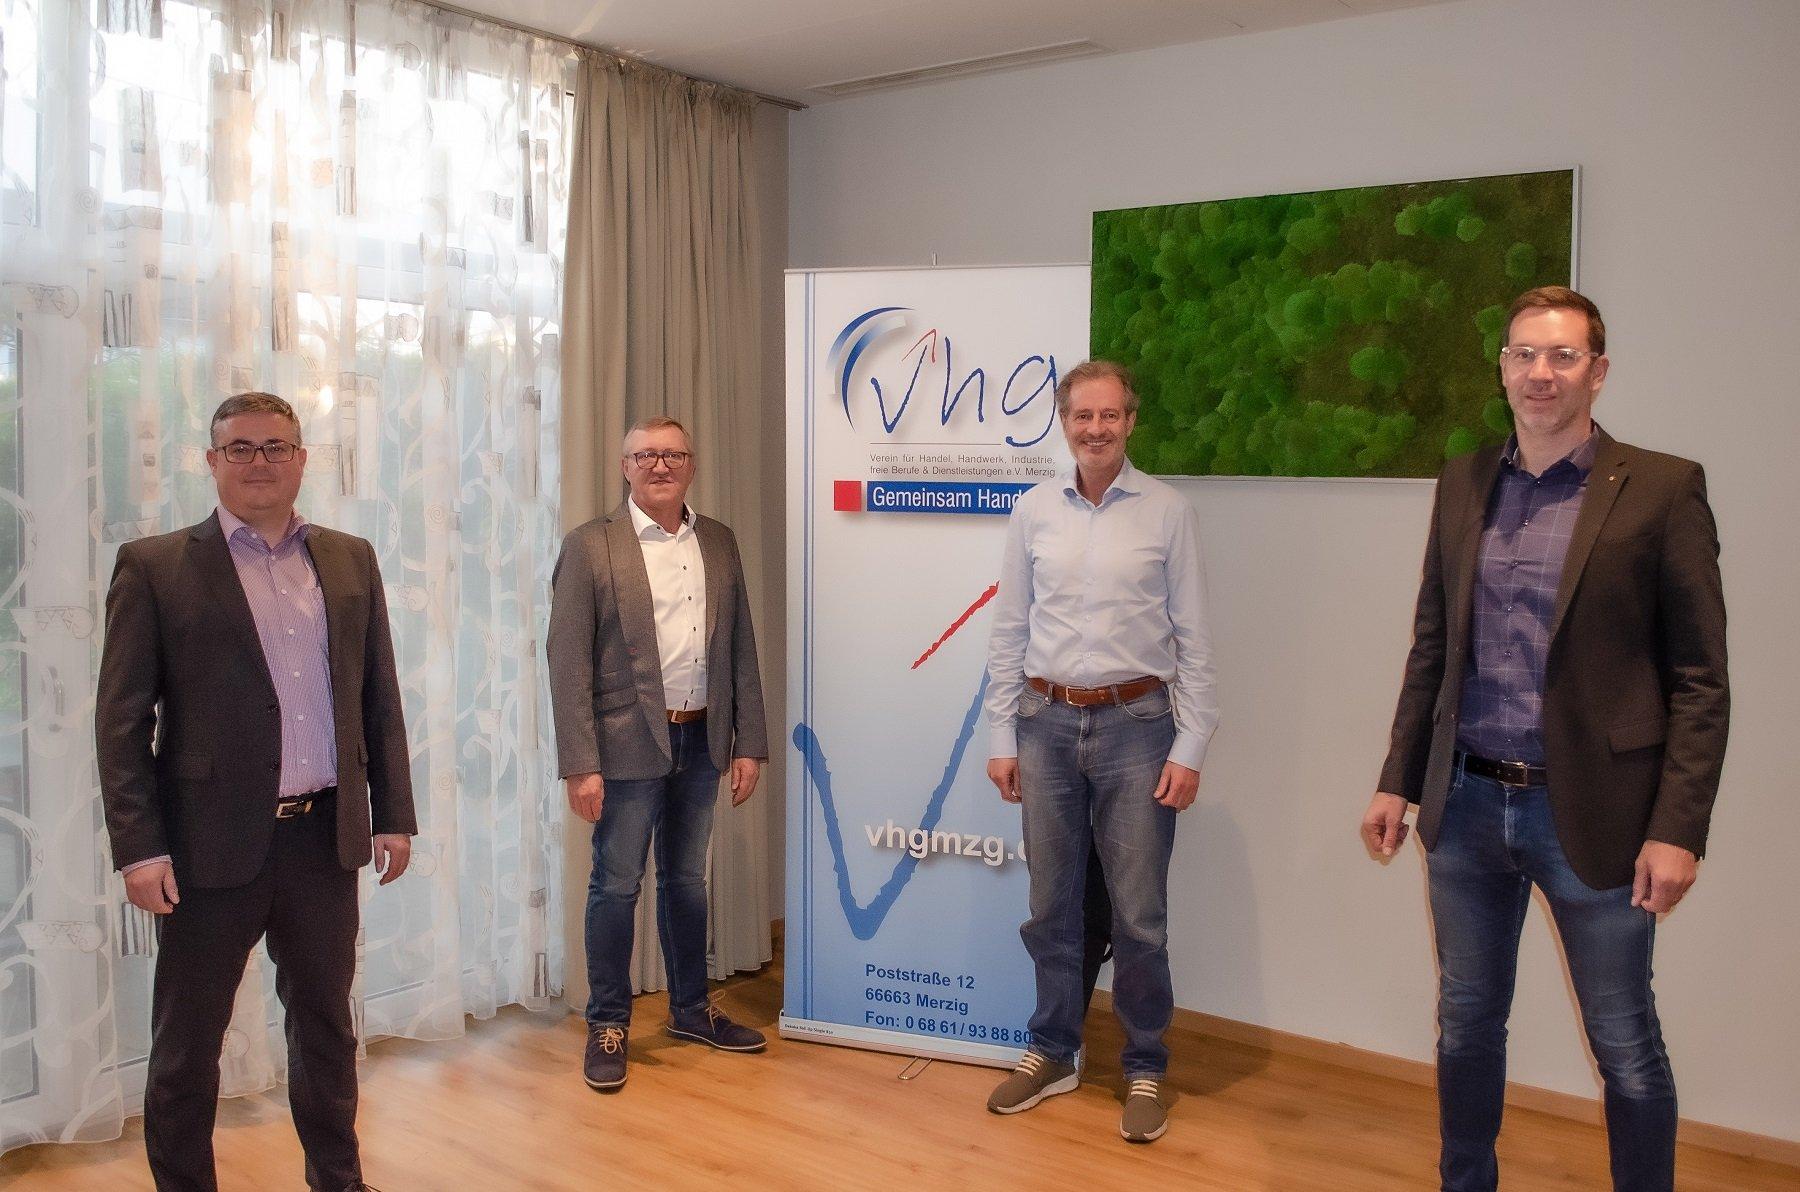 Das Foto zeigt die vier Mitglieder des Merziger VHG-Vorstands Peter Schill, Michael Nilles, Peter Tinnes und Markus Koster. In der Mitte hinter ihnen steht ein VHG-Banner.